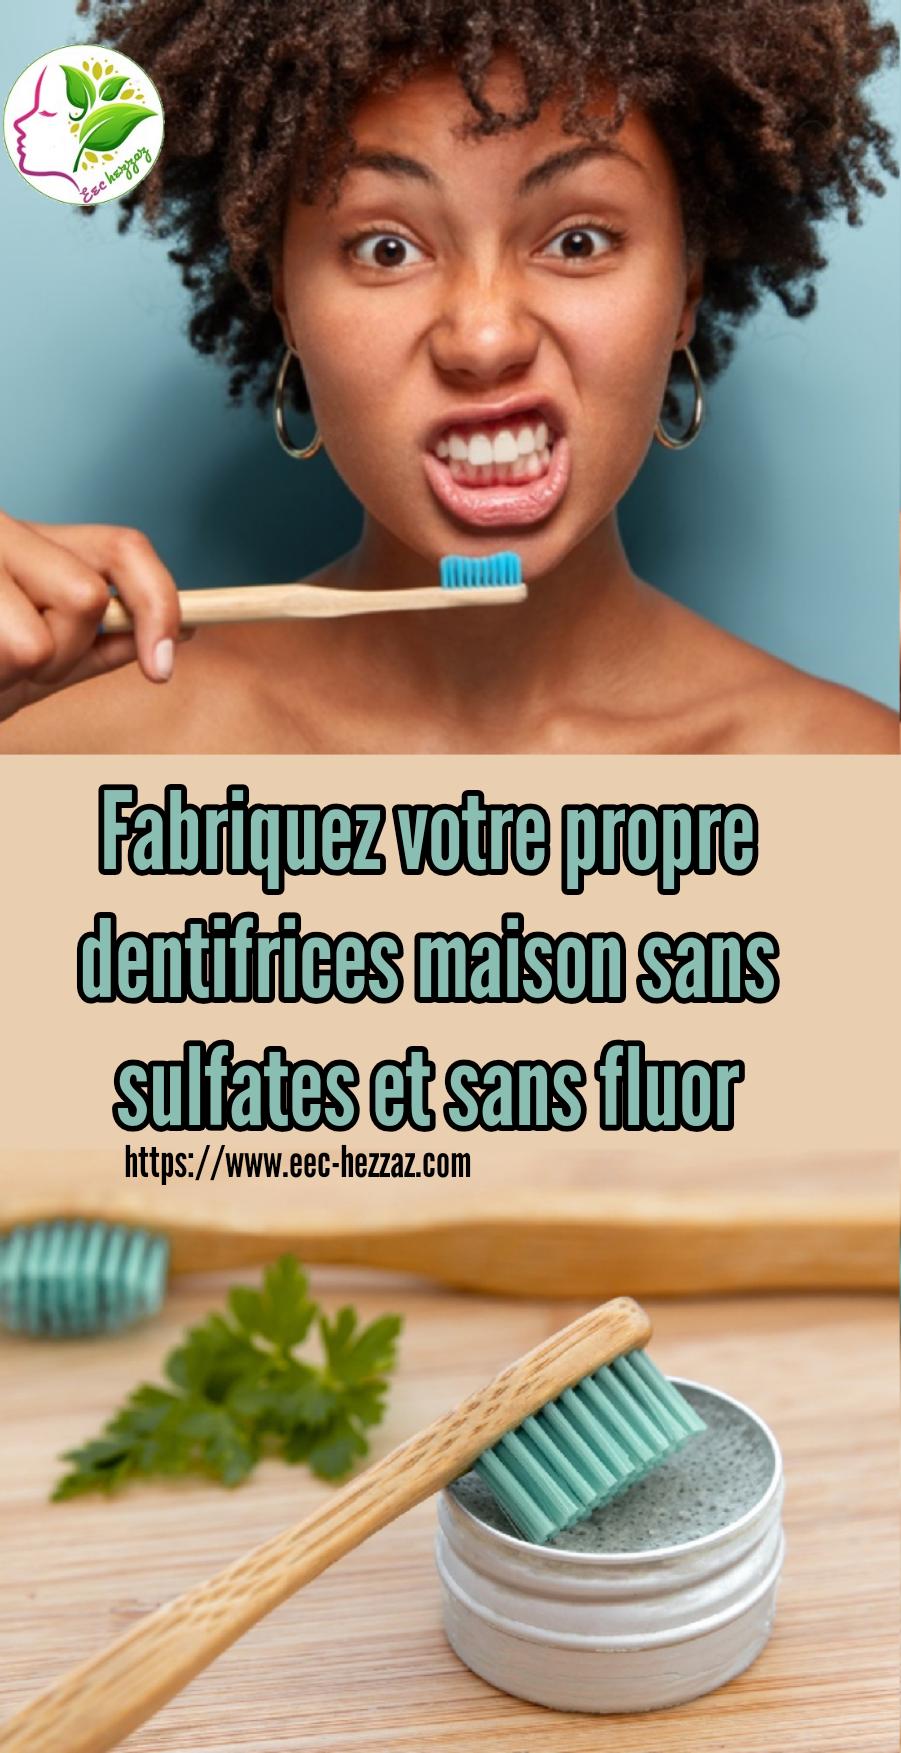 Fabriquez votre propre dentifrices maison sans sulfates et sans fluor